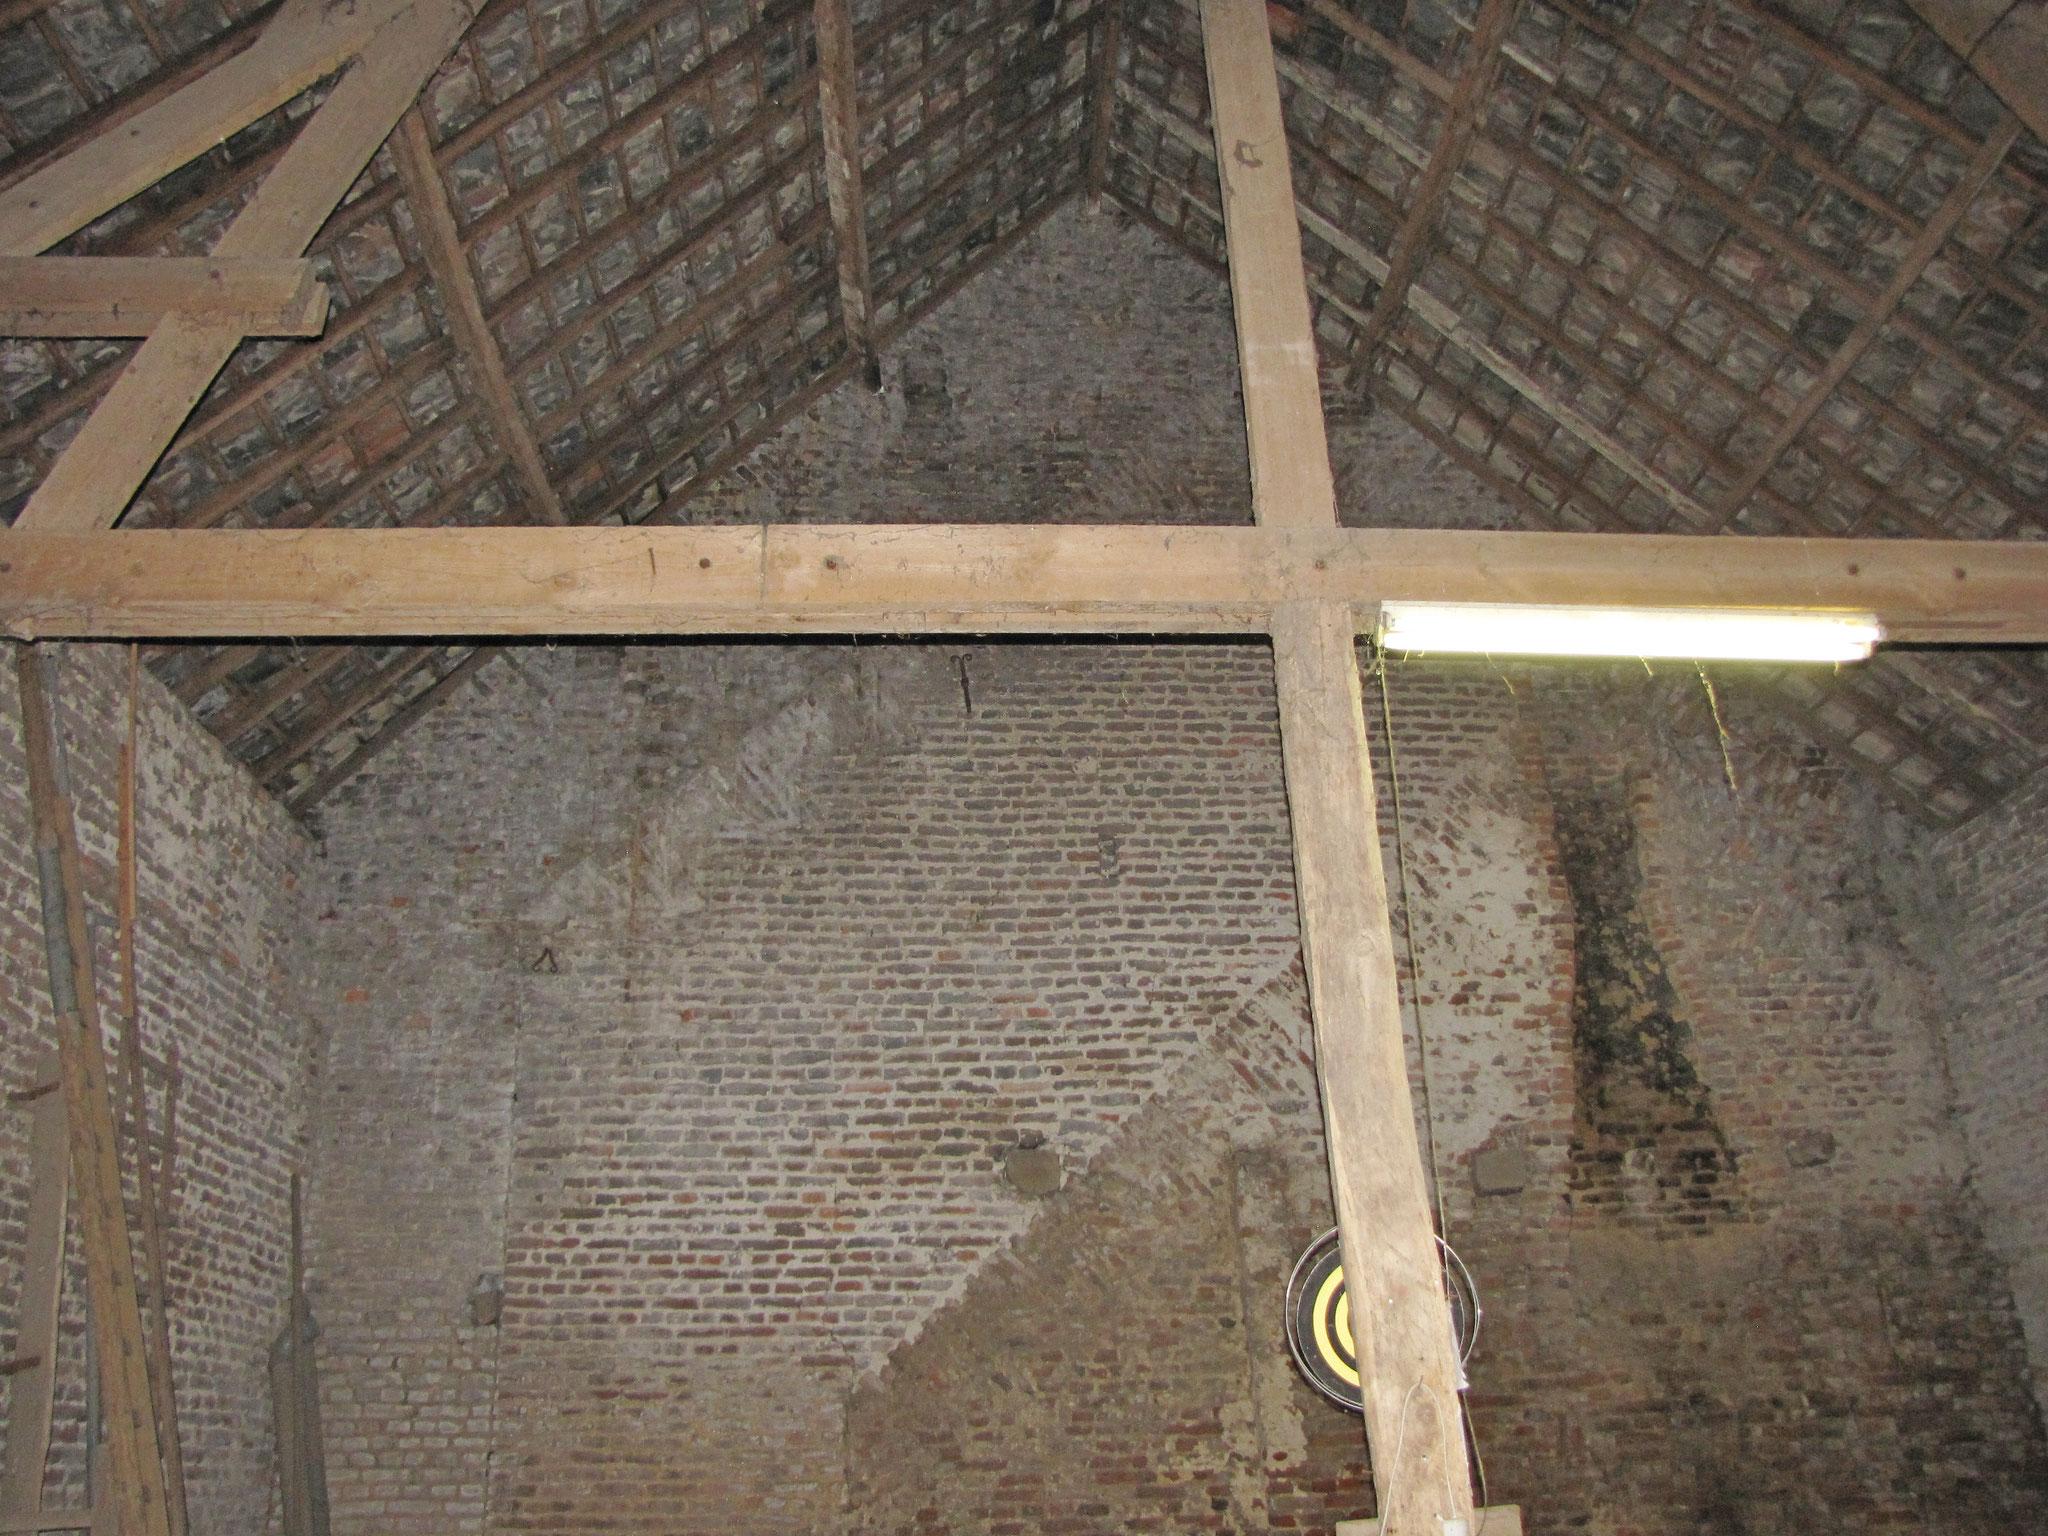 Drie bouwfasen, duidelijk herkenbaar aan de voormalige dakbelijningen en rookkanaal.